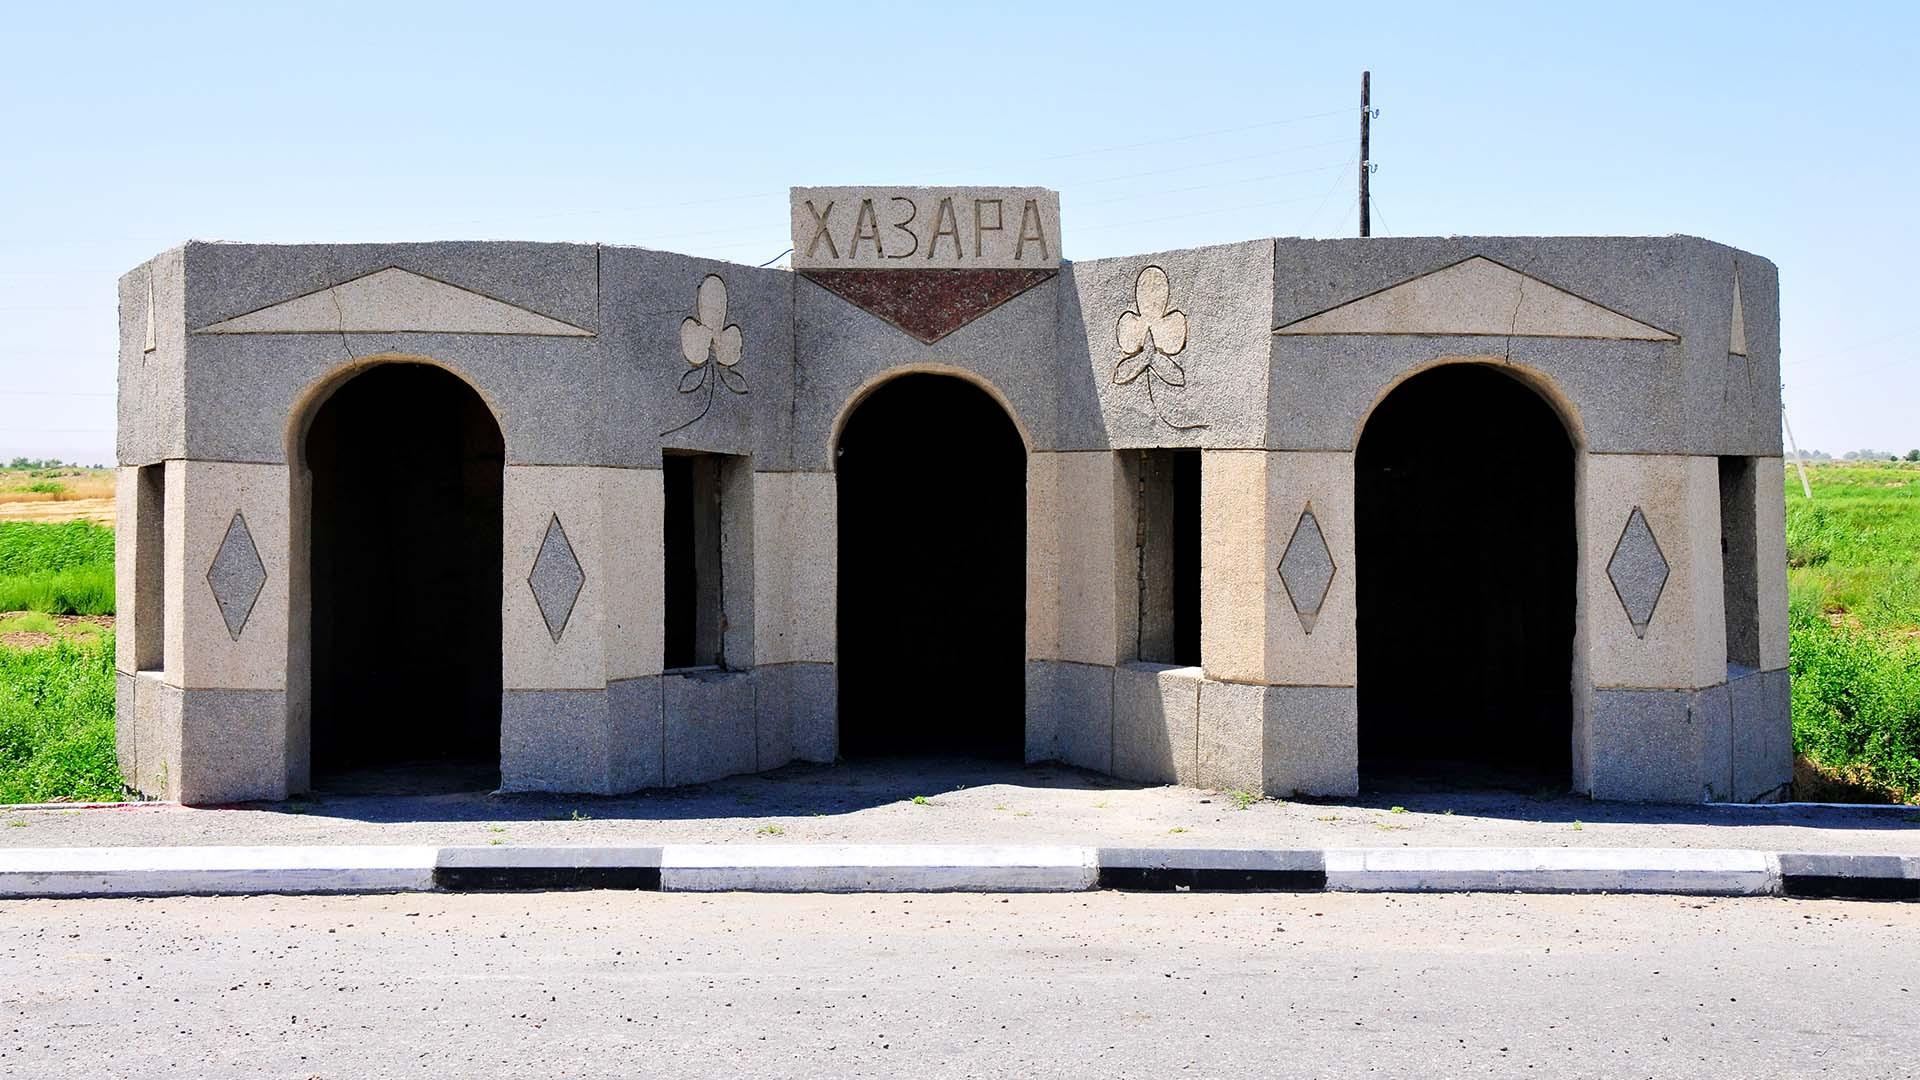 Concrete bus shelter in Uzbekistan